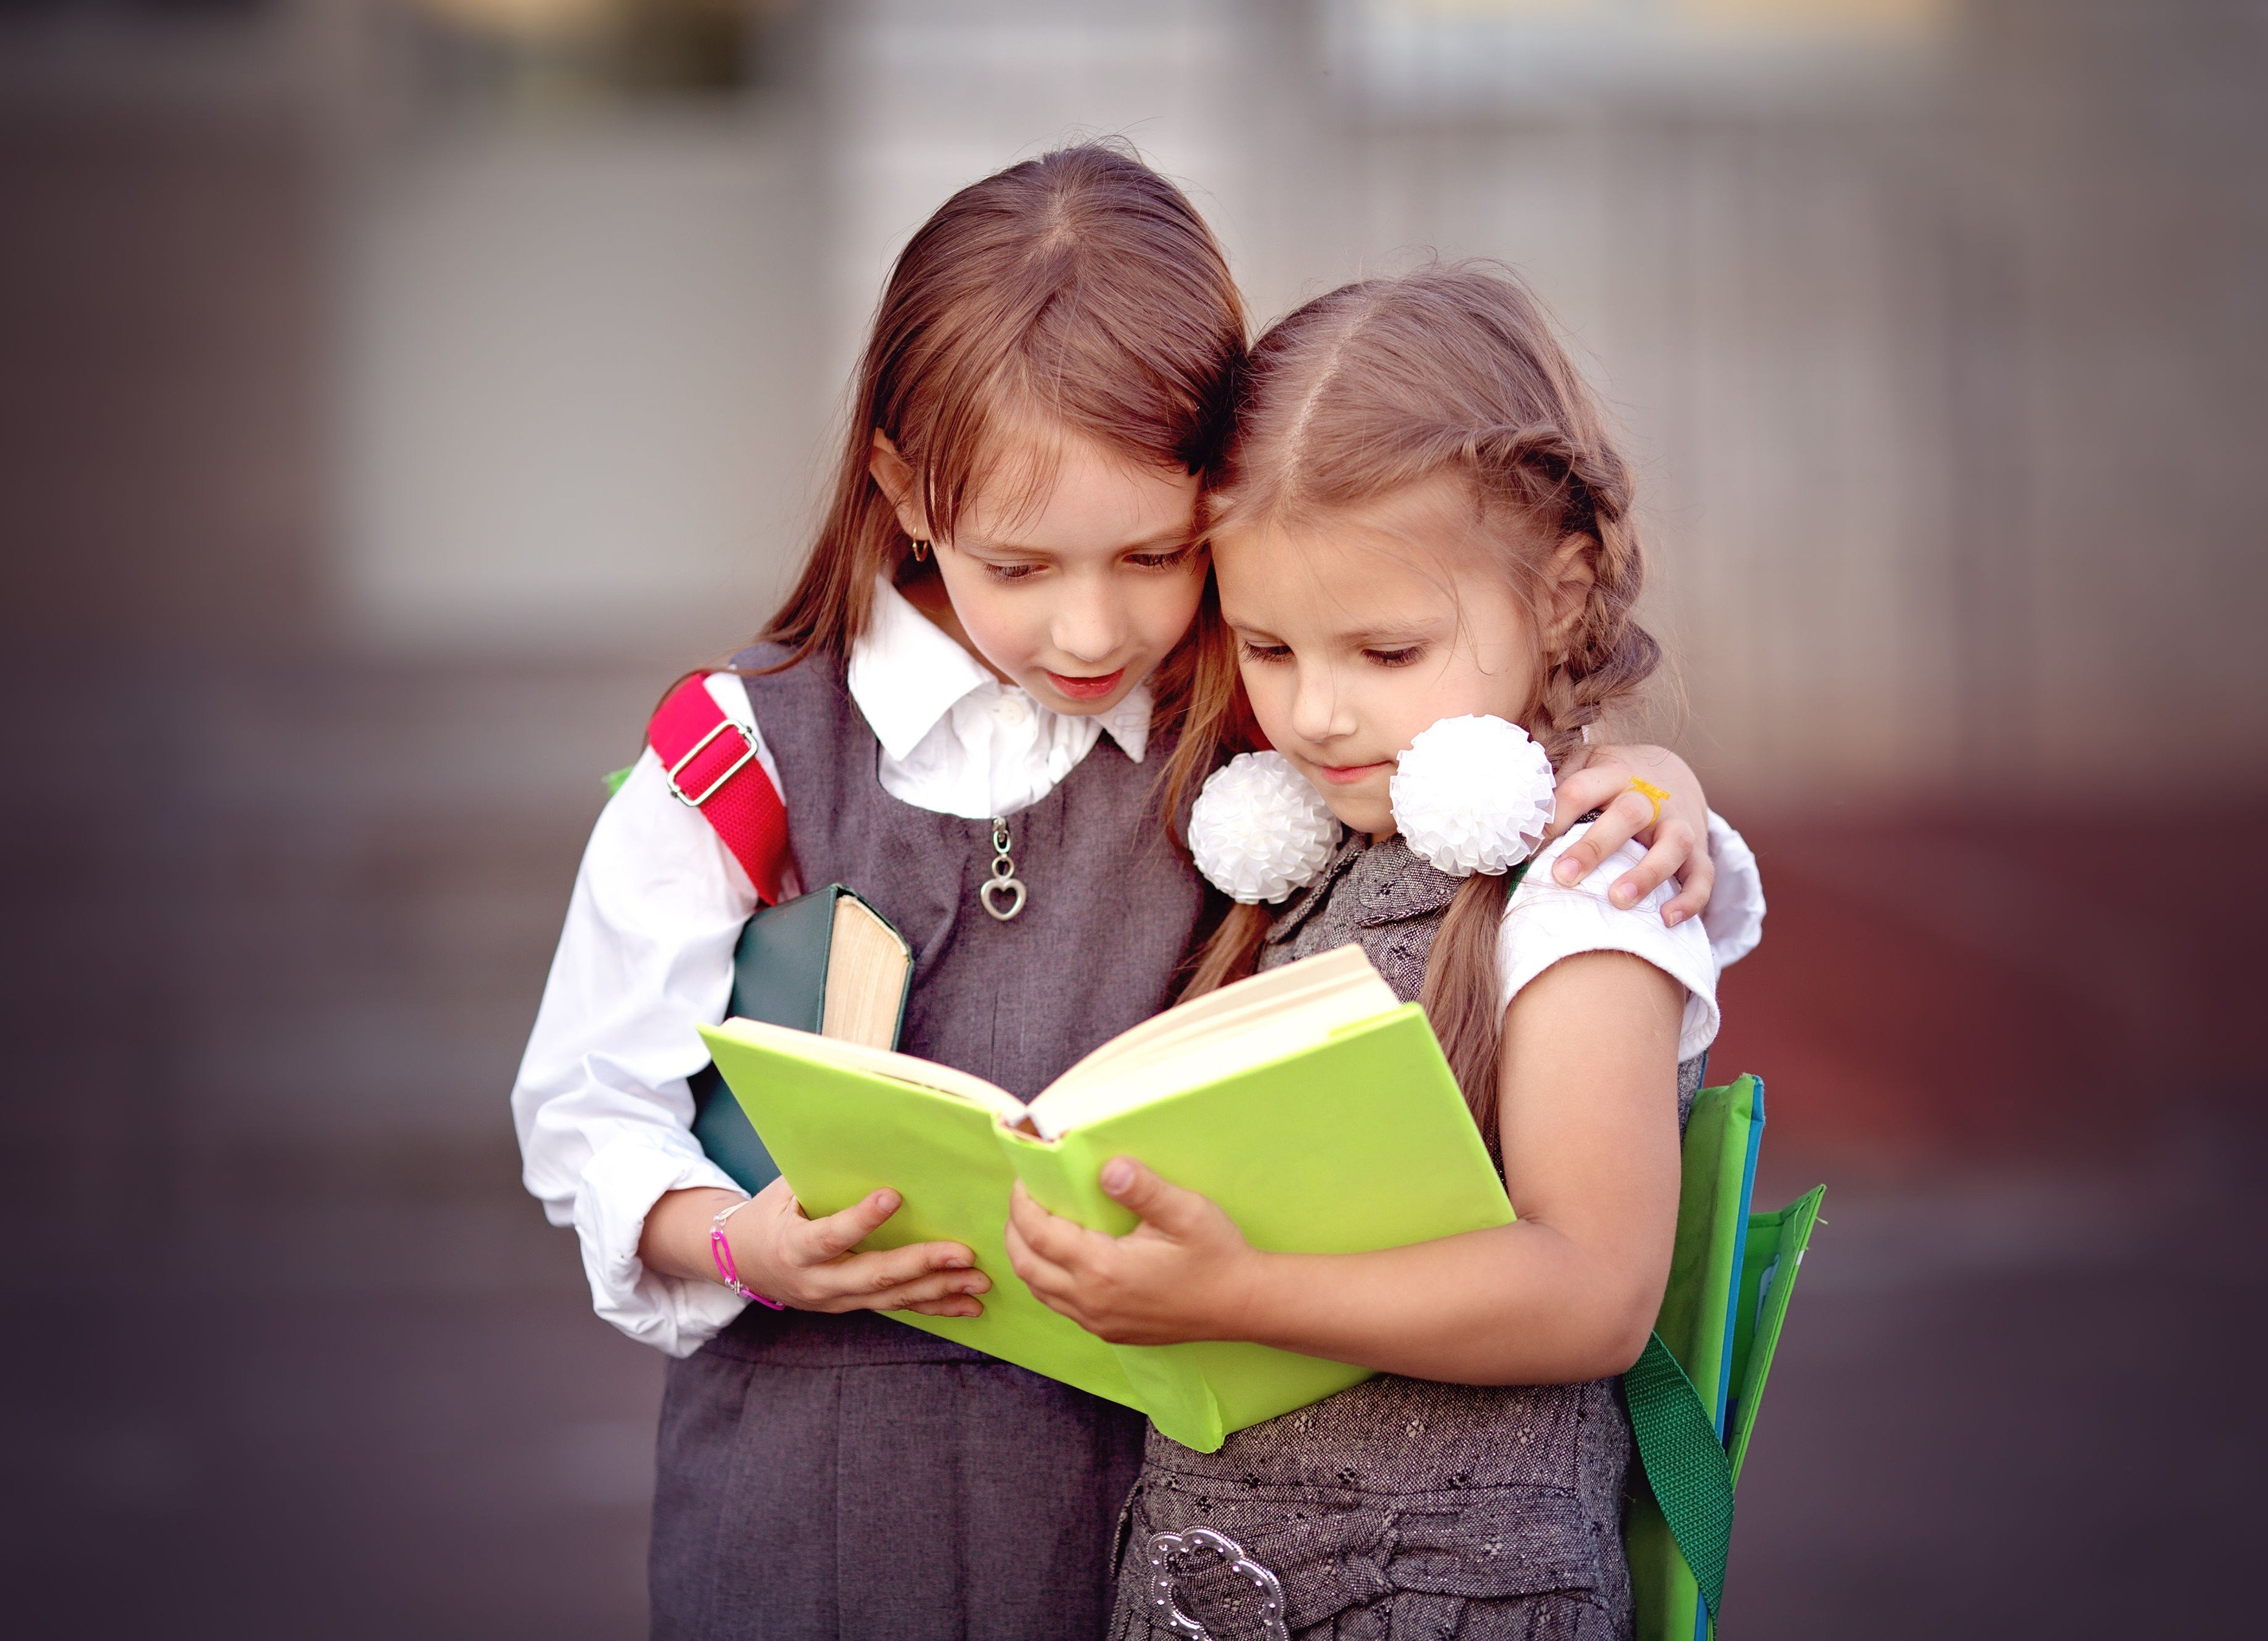 Školačky kamarádky